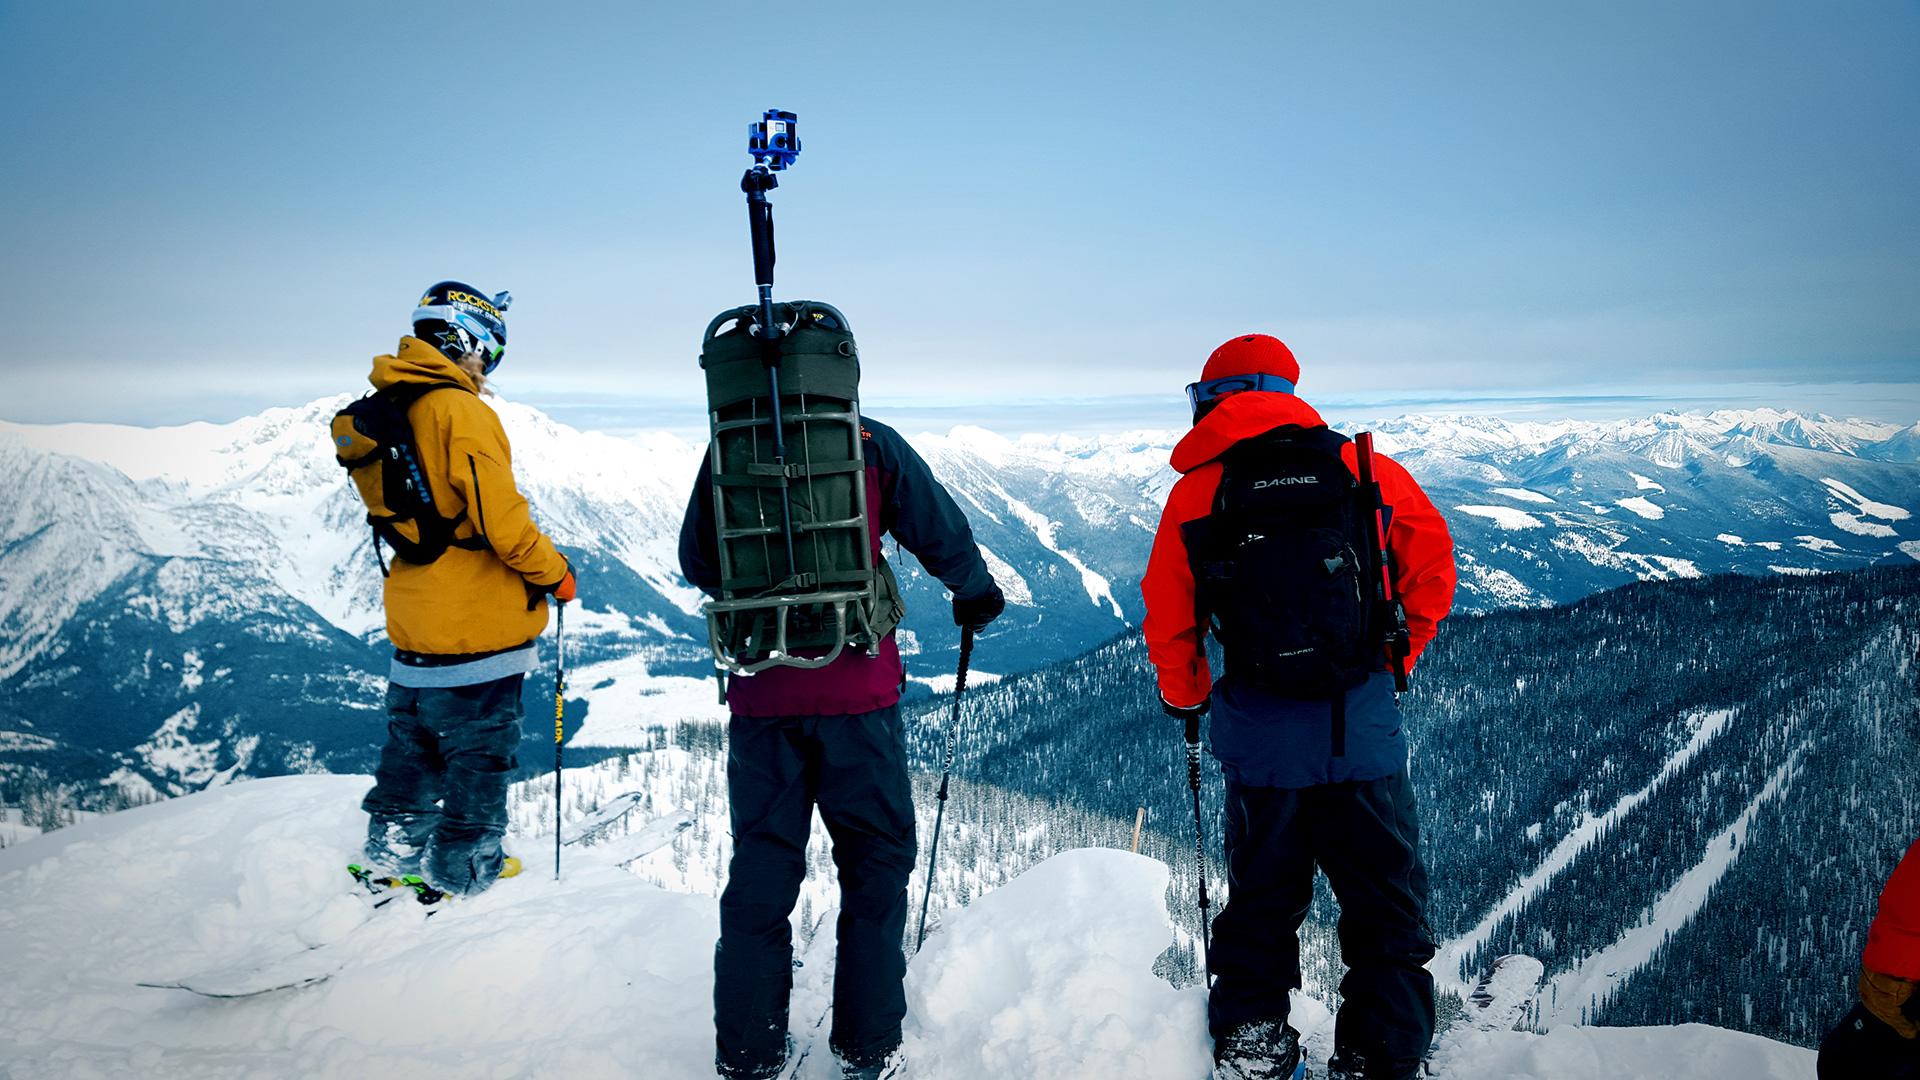 armada-ski-retallack-360